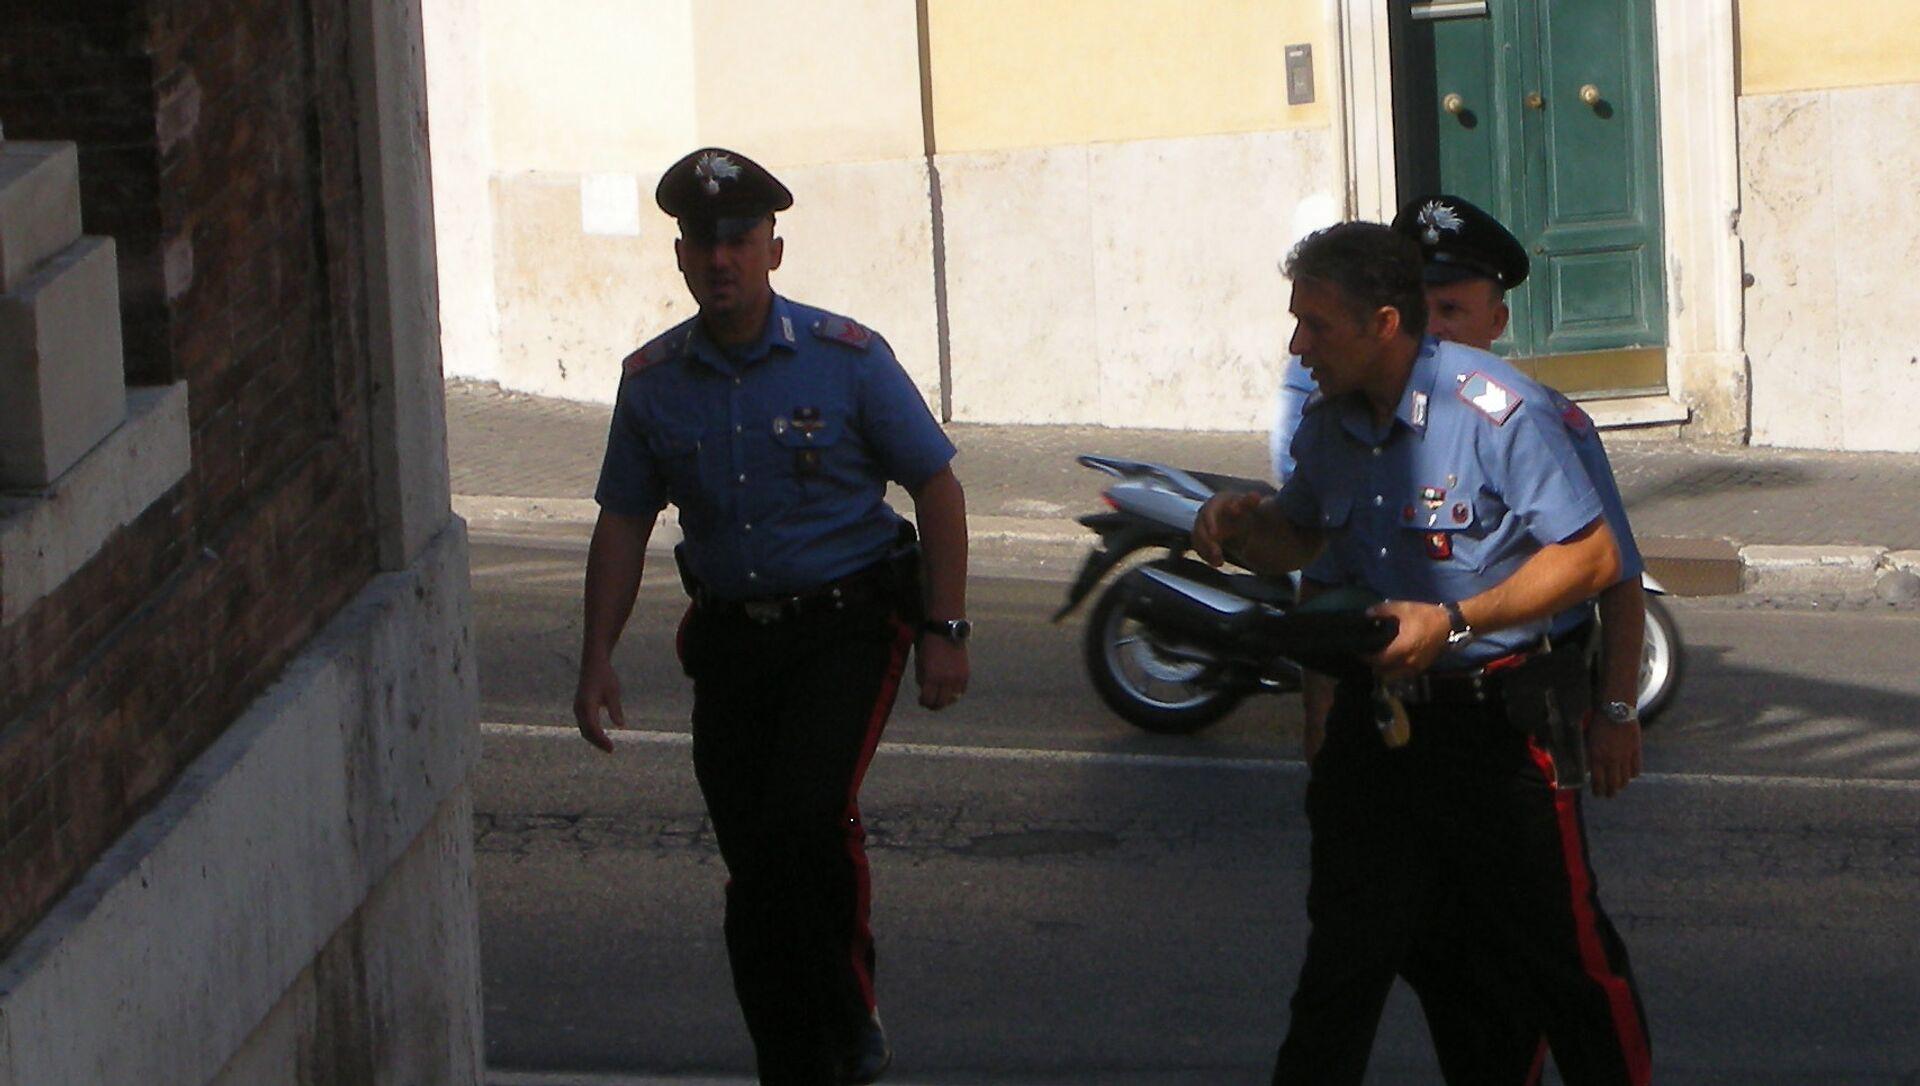 Police italienne (image d'illustration) - Sputnik France, 1920, 09.08.2021